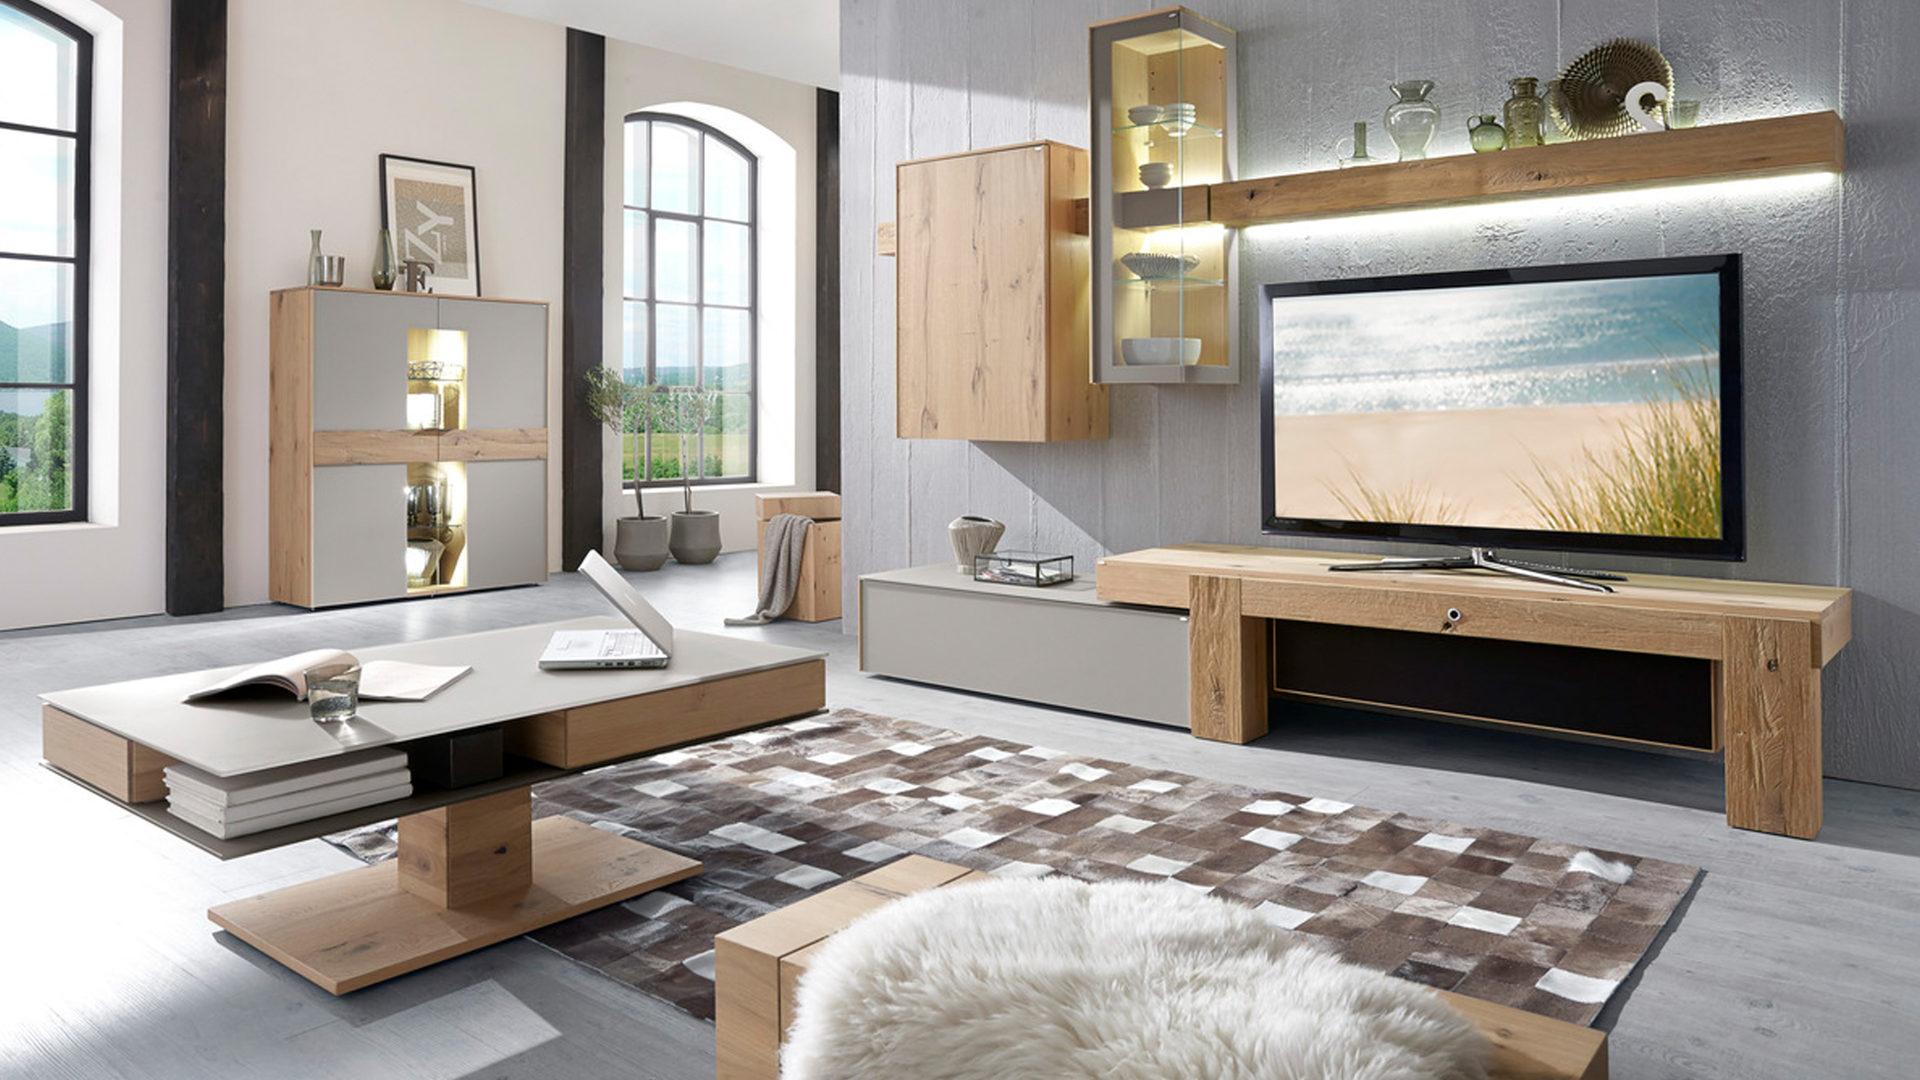 Mobel Boer Coesfeld Raume Wohnzimmer Schranke Wohnwande